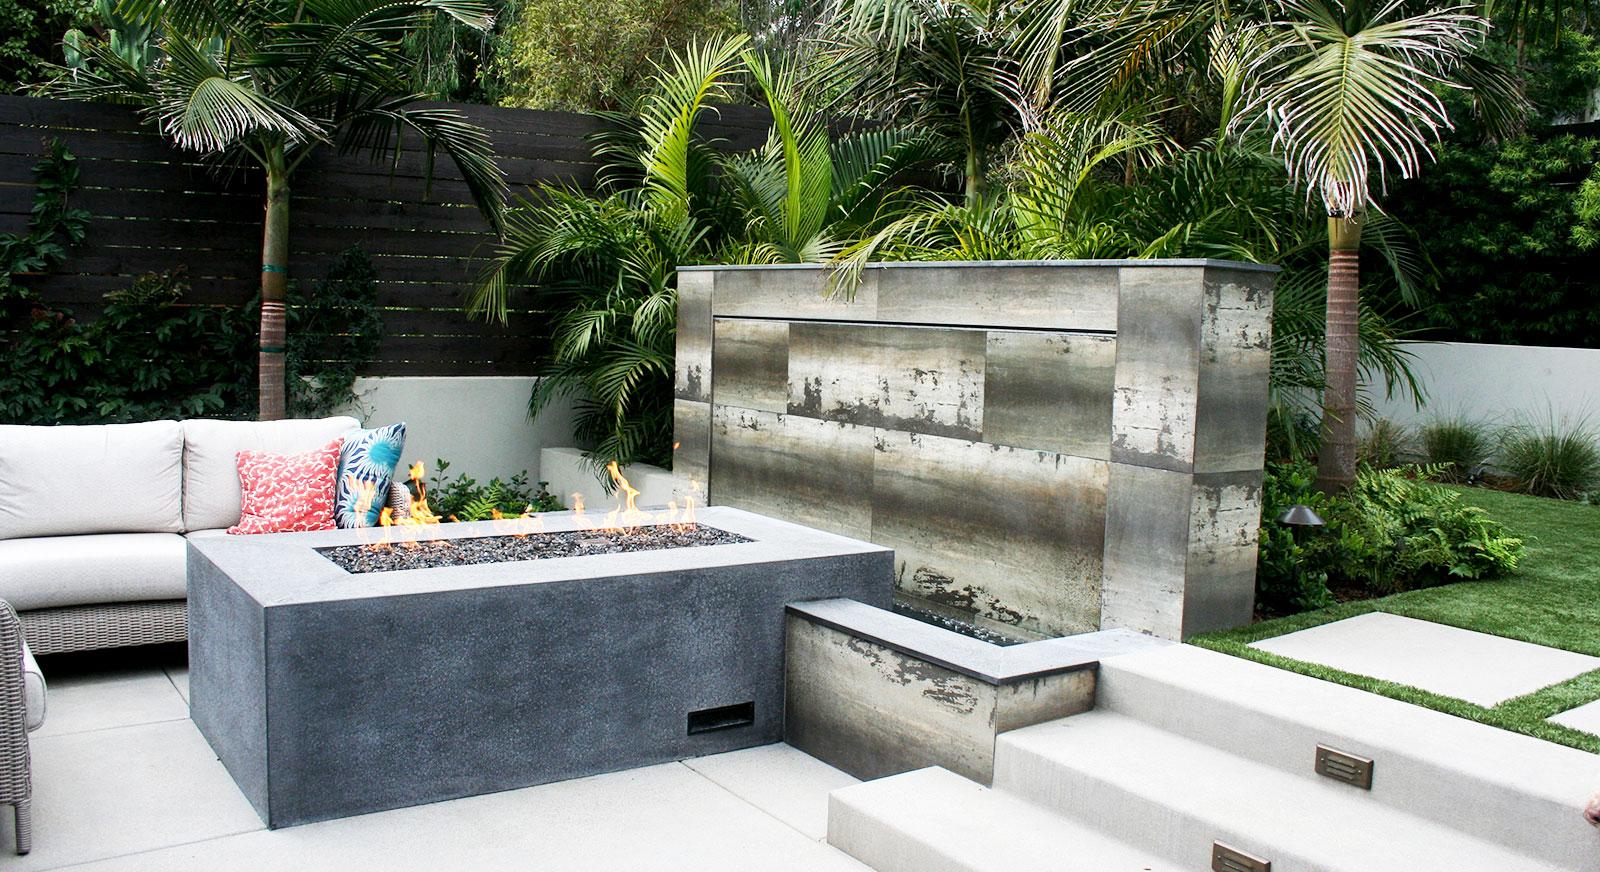 Cross Construction Inc. Fireplace element. Basalt